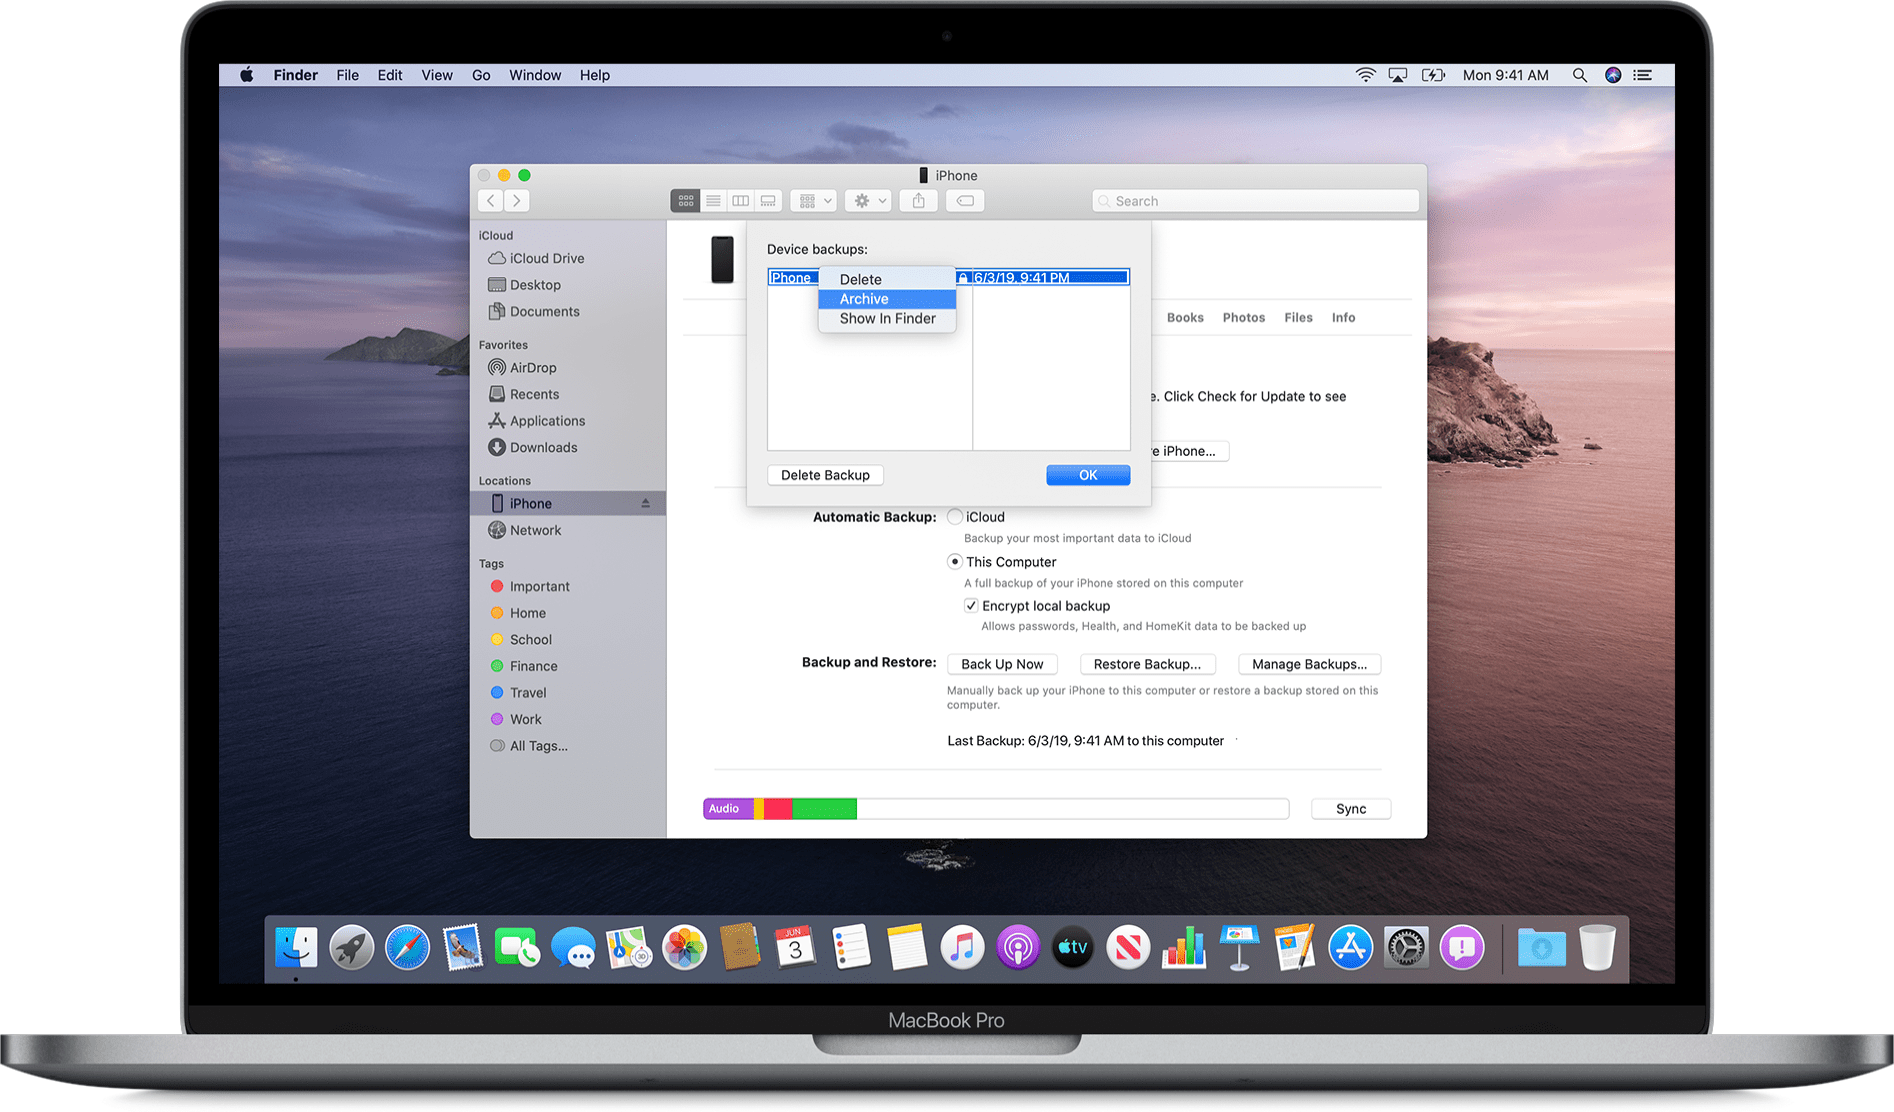 Arquivando um backup pelo Finder no macOS Catalina